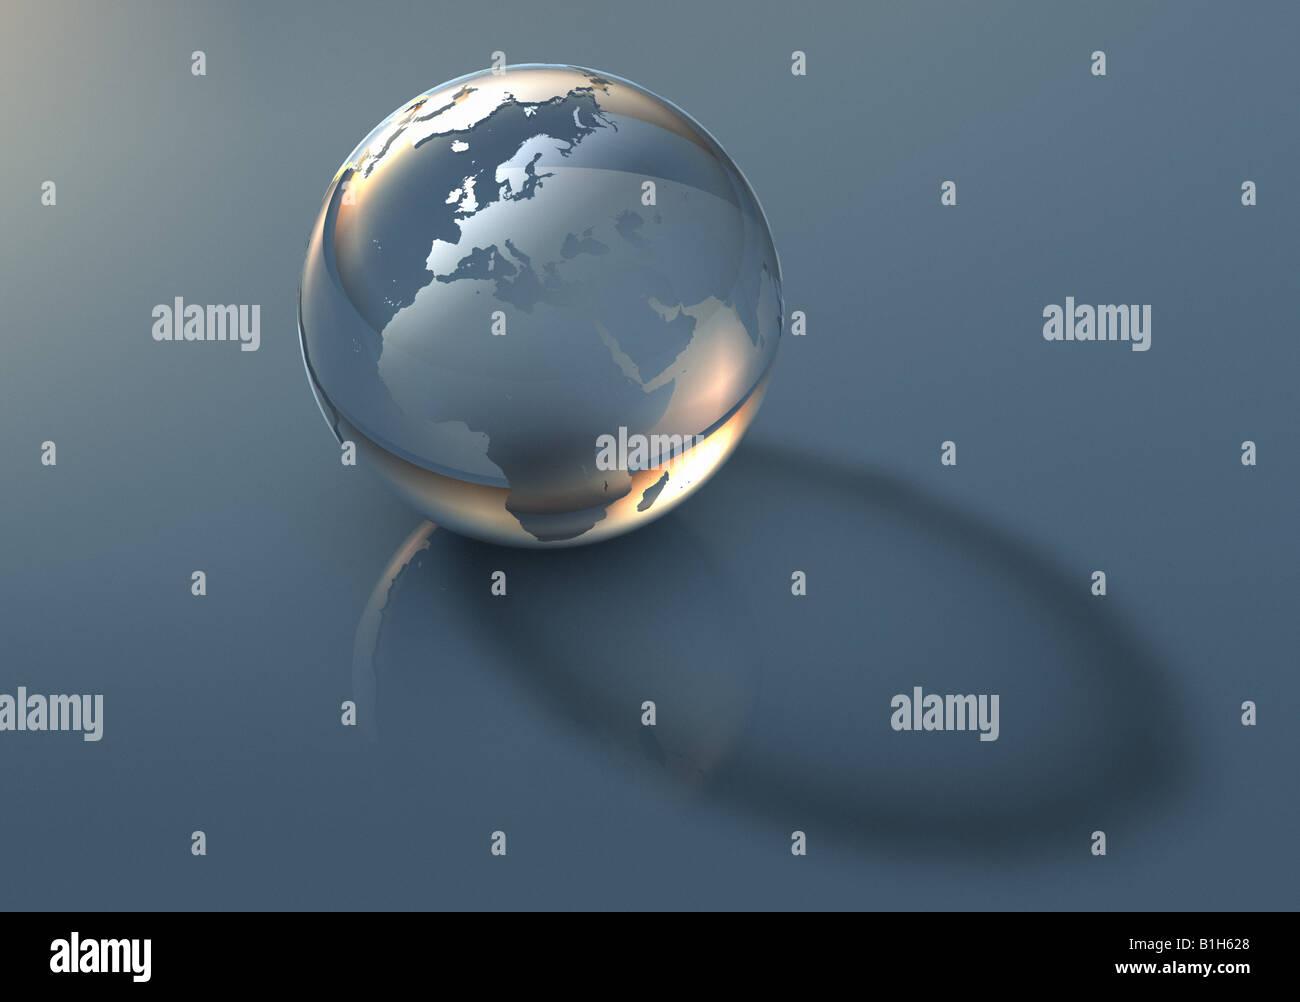 Translucent globe - Stock Image